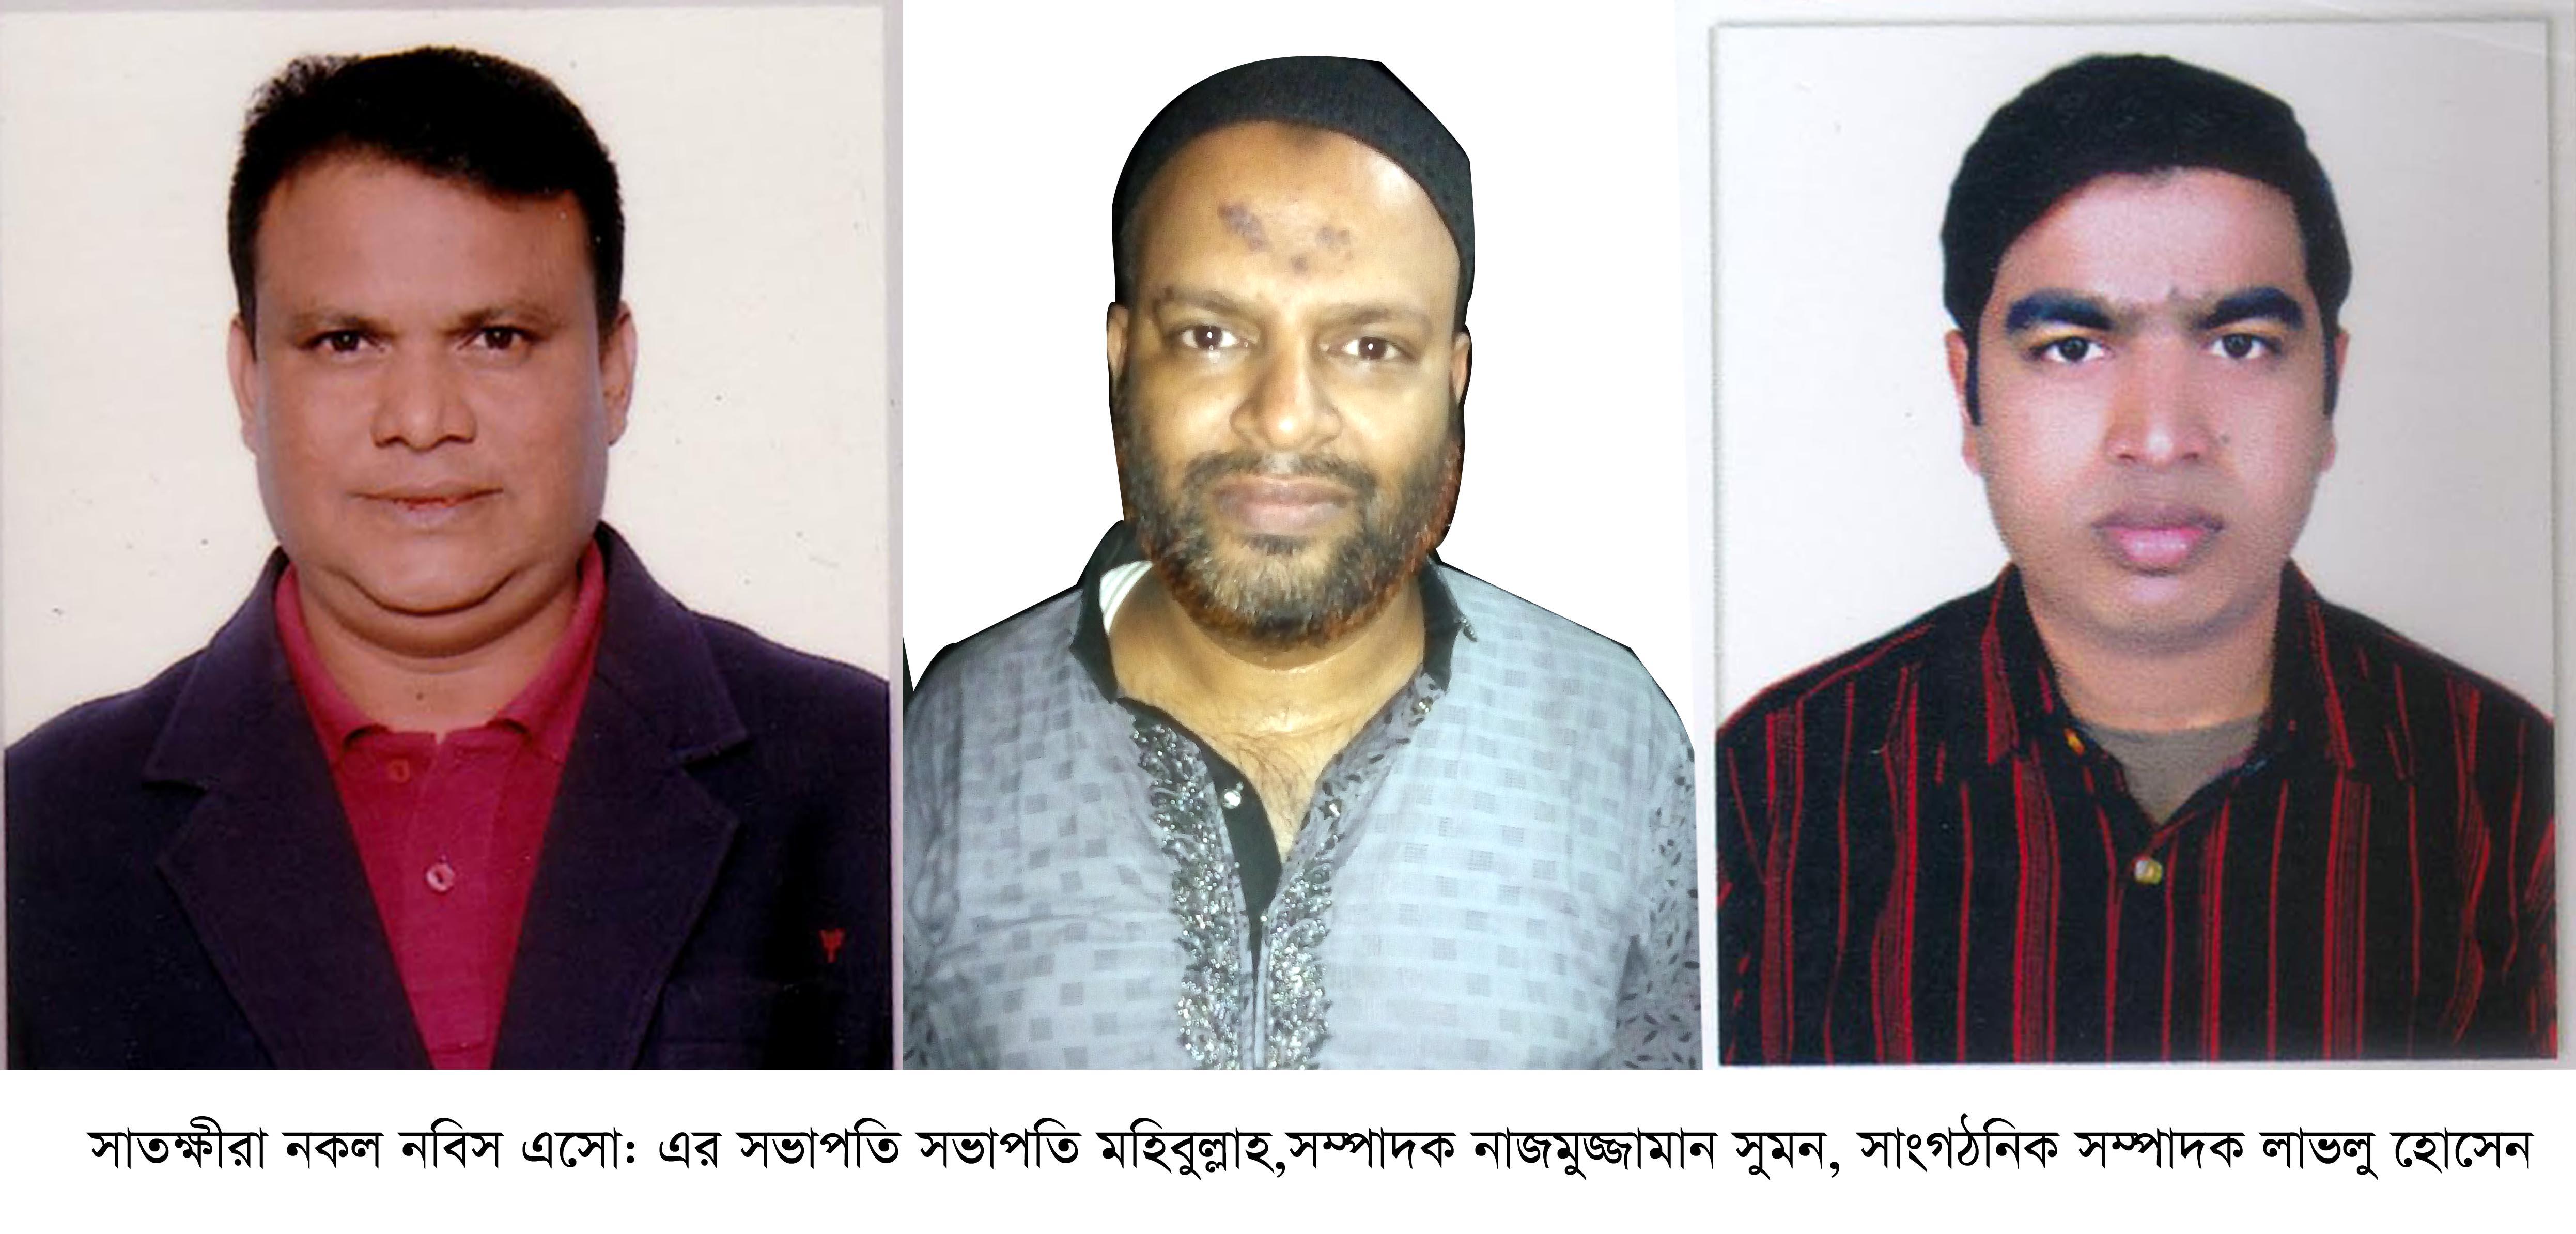 নকল নবিস এসোসিয়েশনের জেলা কমিটি গঠন সভাপতি মহিবুল্লাহ: সম্পাদক নাজমুজ্জামান সুমন